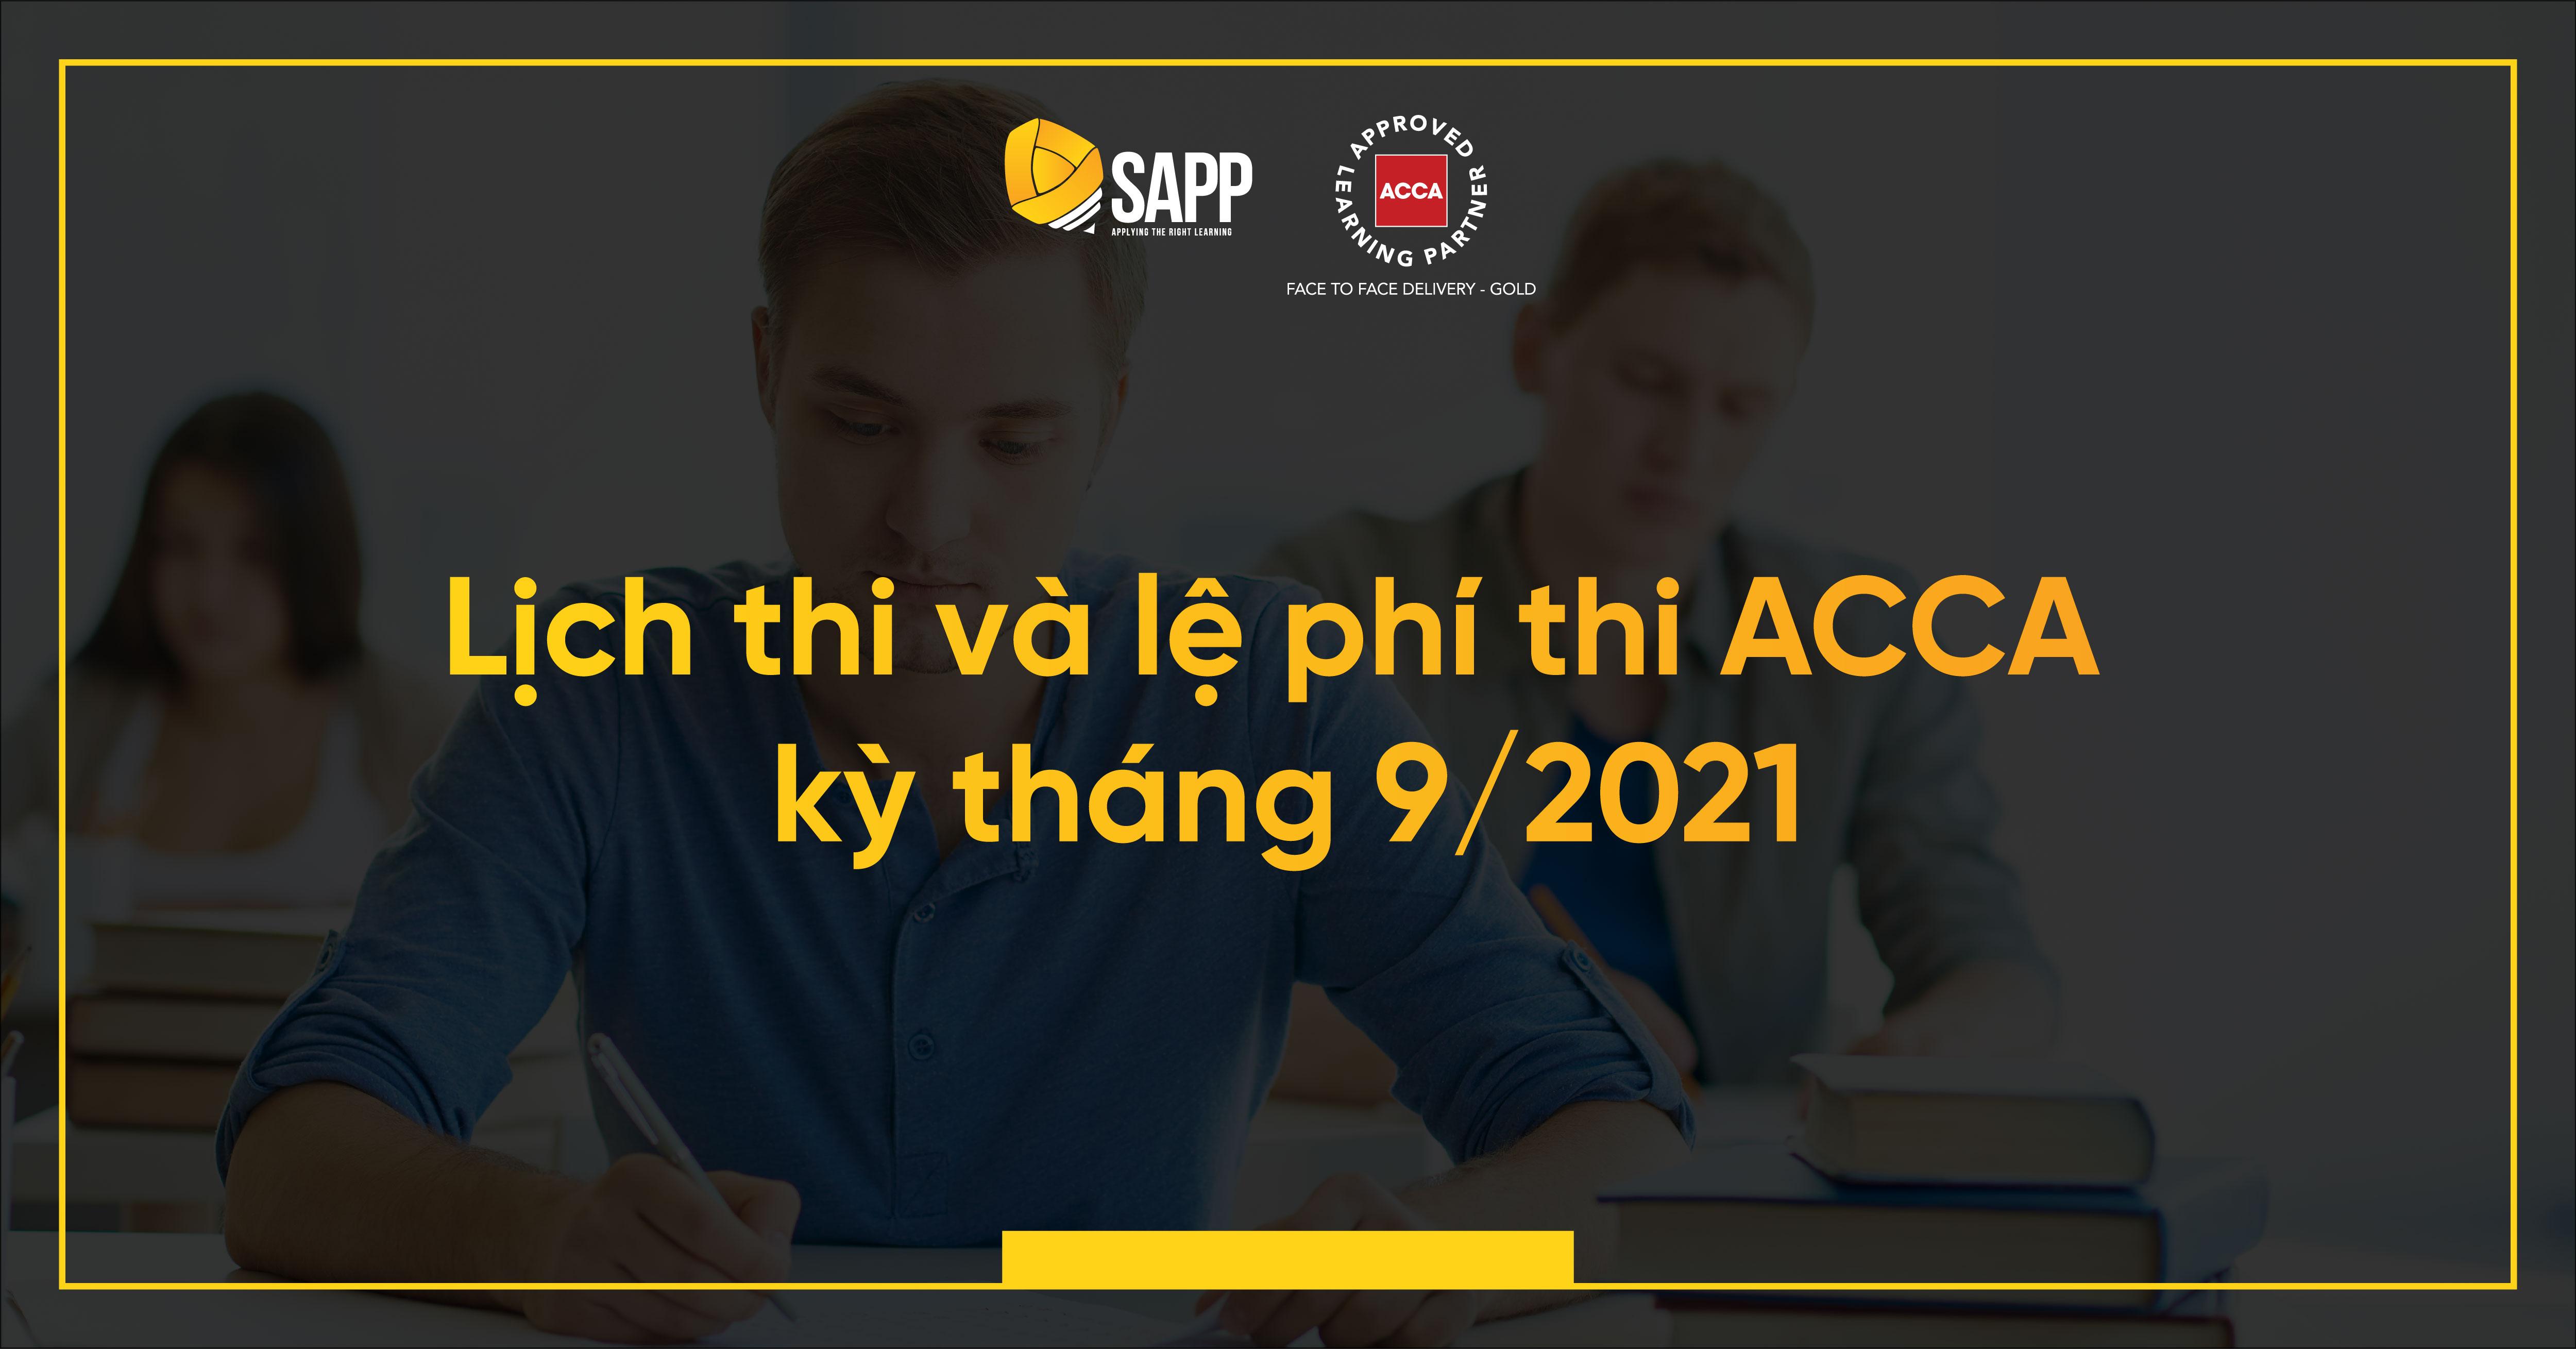 Lệ Phí Thi Và Lịch Thi ACCA Kỳ Tháng 9 Năm 2021 [Mới Nhất]